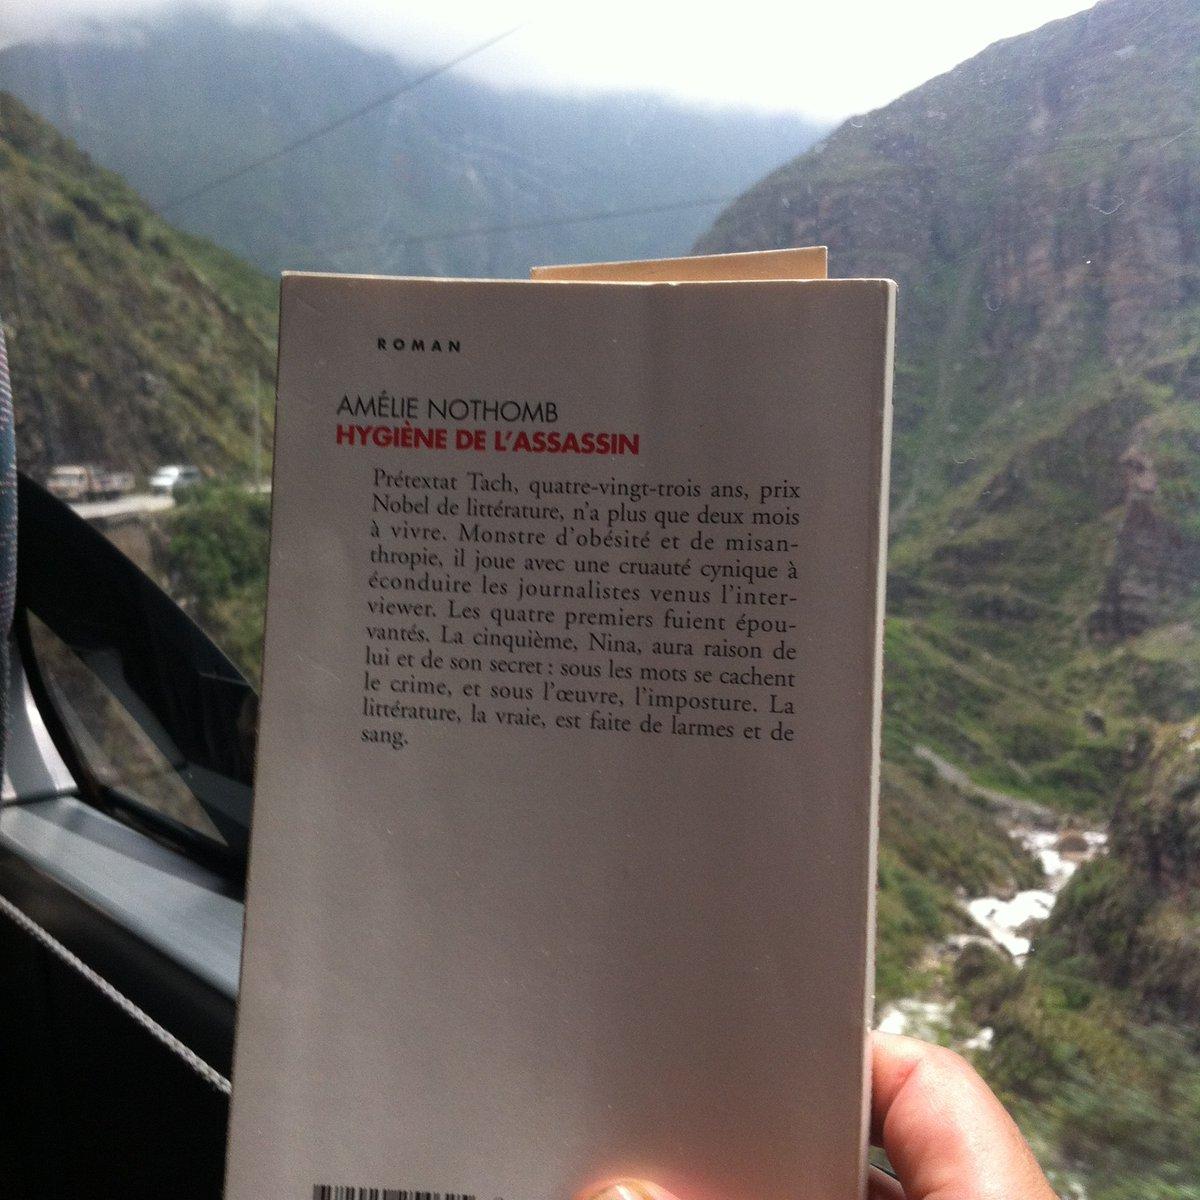 ¿Qué libro están leyendo en este momento?  #Pasajerolector #Perupaislector #Citédlibroperu #Viaje #Nothomb #Novela #escriotas #autoras #Francés #instabook #Amorporloslibros #libro #asesino #librodebolsillo #Escritoresfranceses #Regalolibrospic.twitter.com/mqNQmSPHhU